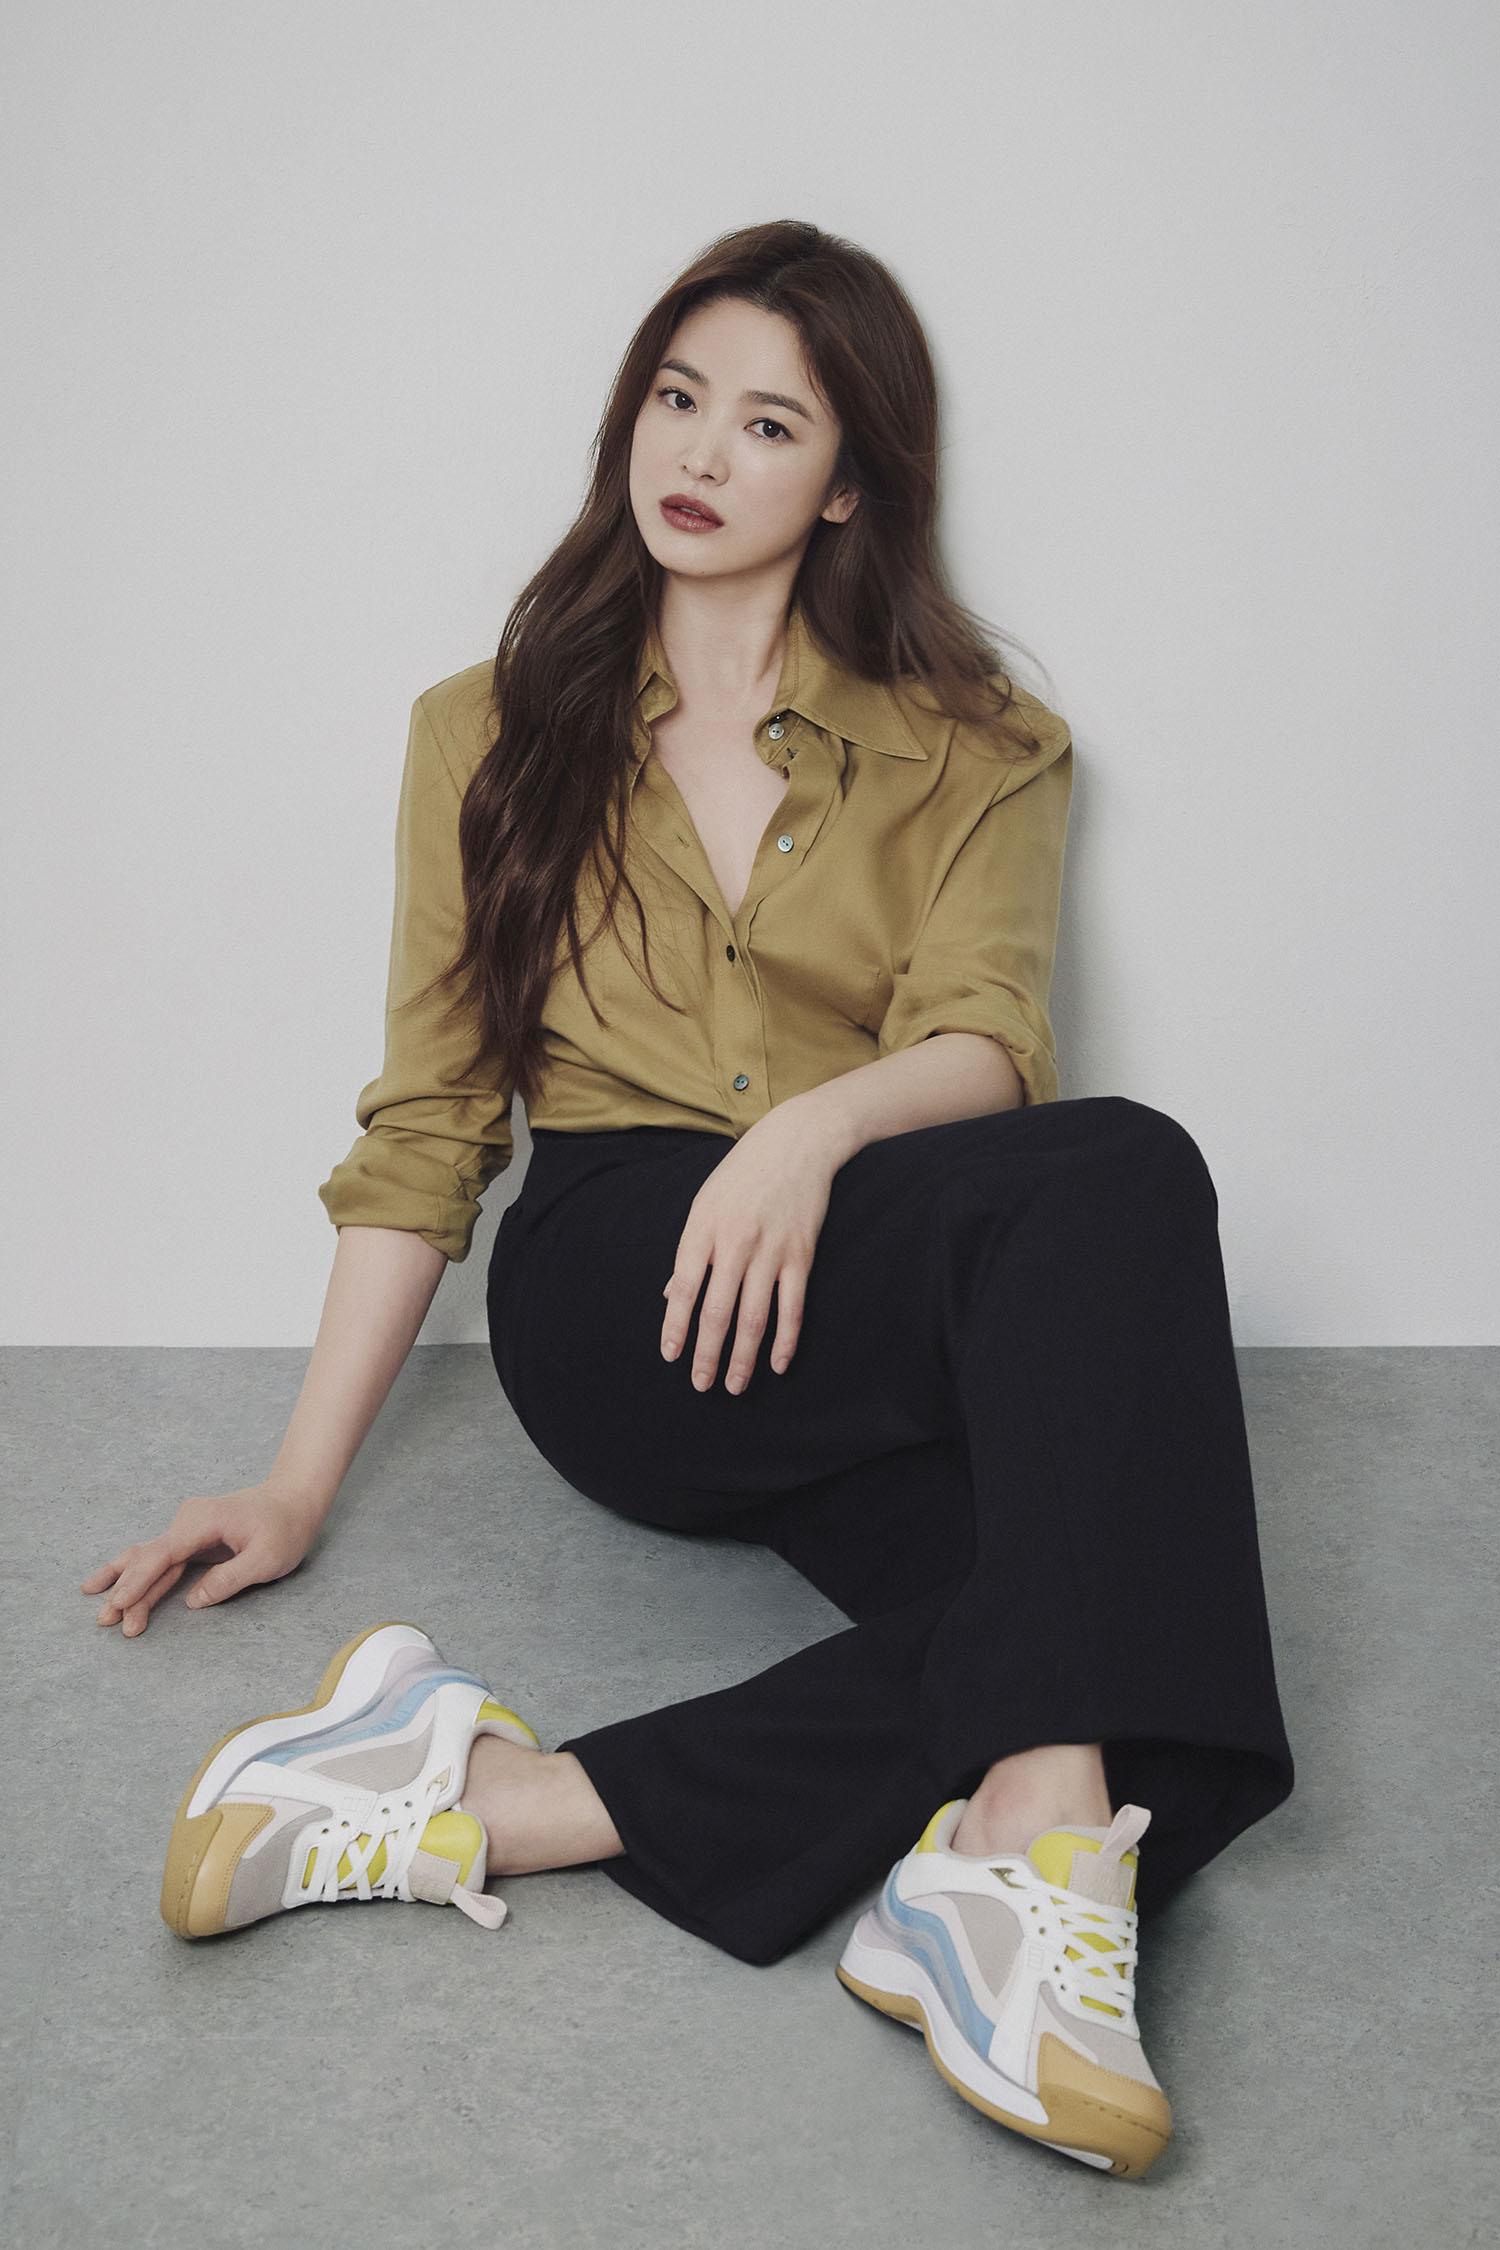 """Nhìn Song Hye Kyo makeup nhạt đã quen, nhưng nếu nhìn cô """"biến hình"""" makeup đậm qua ảnh của fan thì bạn sẽ ngỡ ngàng - Ảnh 3."""